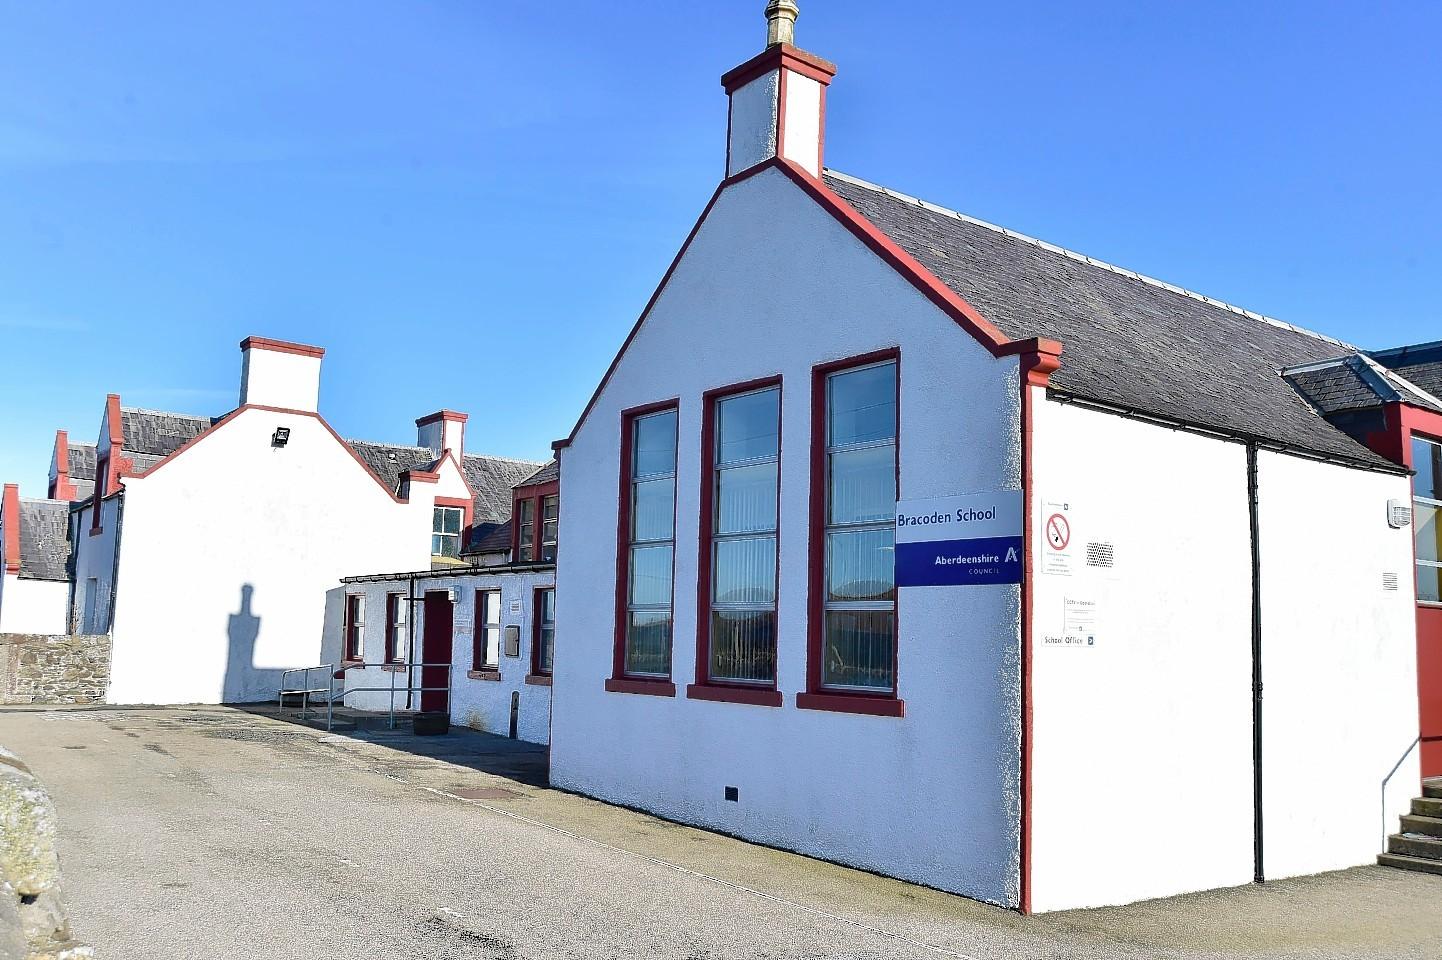 Bracoden Primary School.